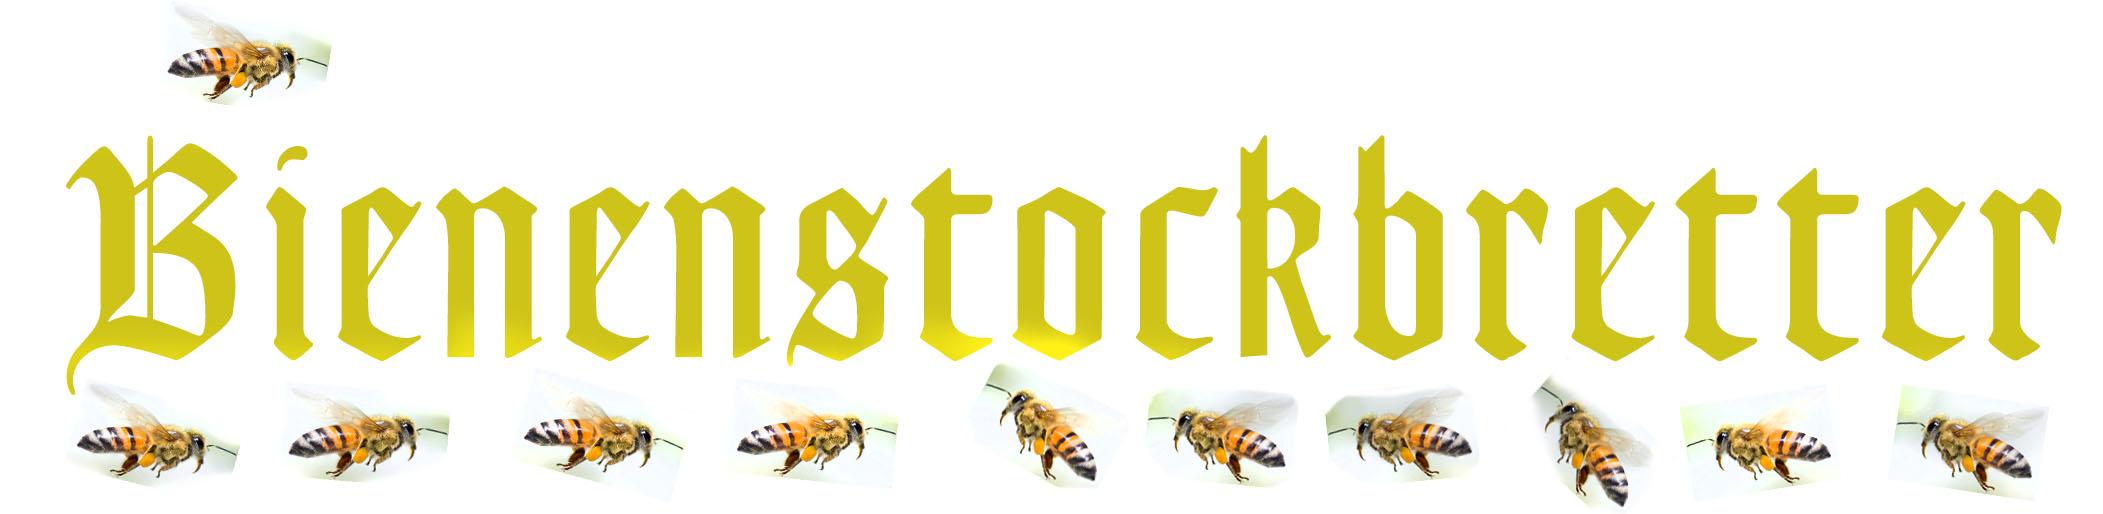 Adam und Eva Versuchung Schlange Paradies Bienen Honig Imker Bienenstockbrett 05